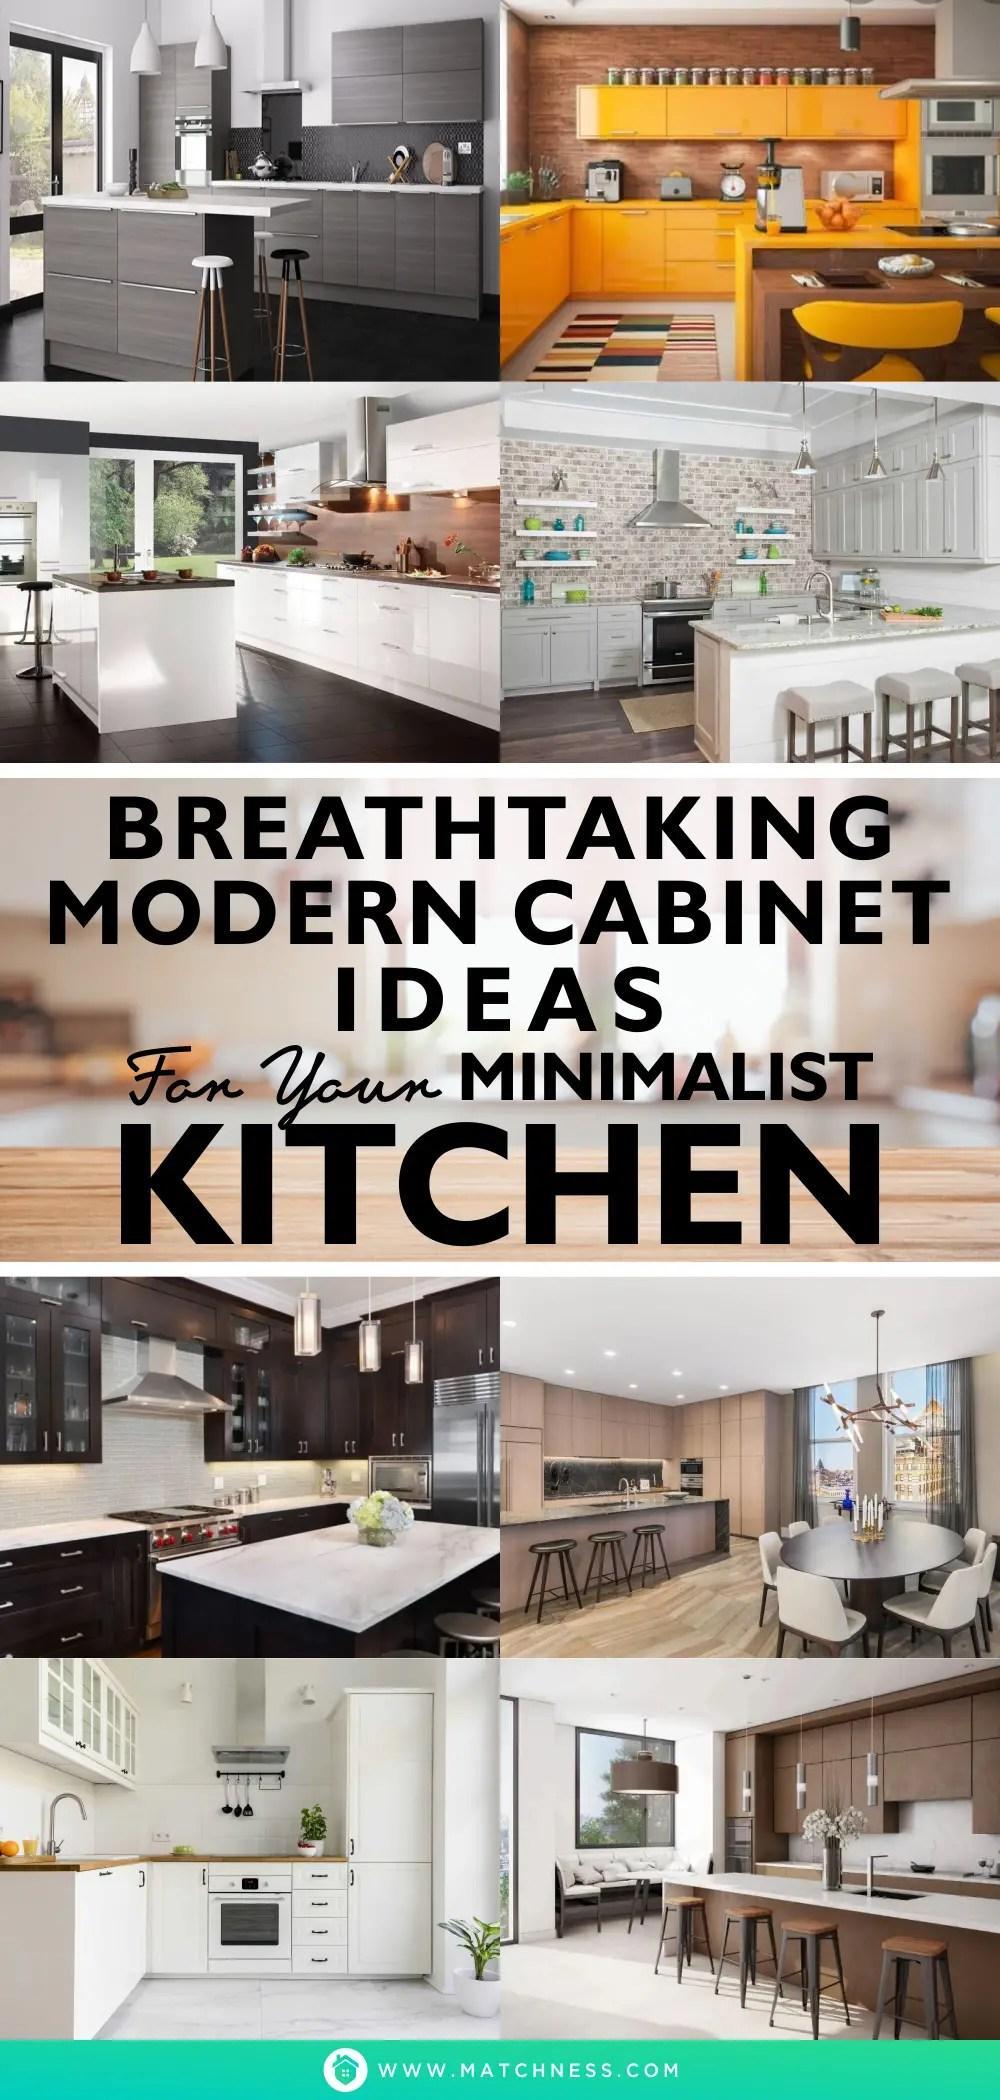 Breathtaking-modern-cabinet-ideas-for-your-minimalist-kitchen-1